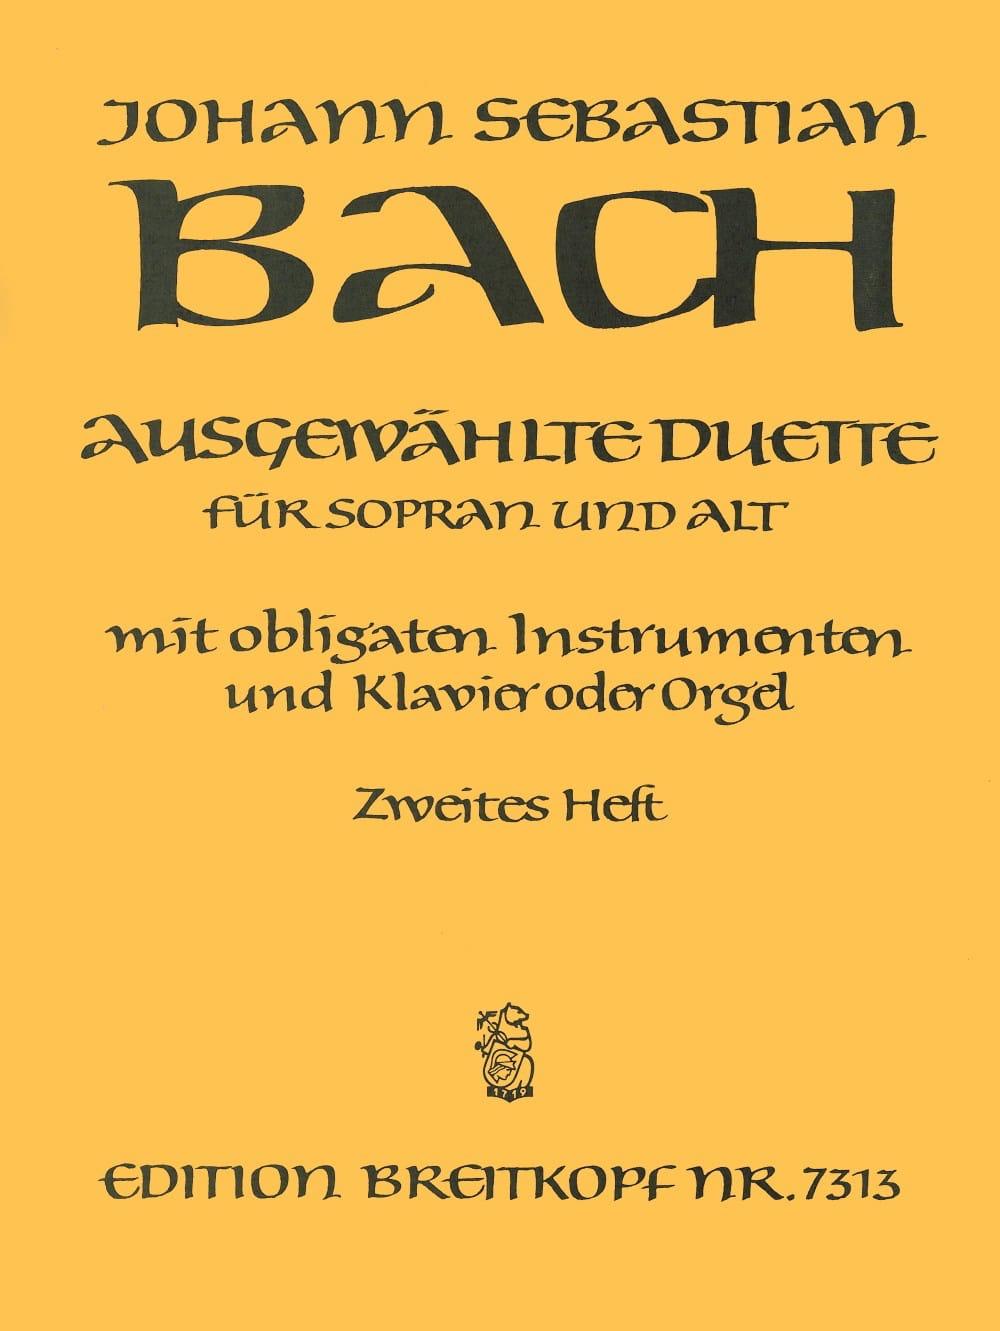 Ausgewählte Duette Sopran und Alt Volume 2 - BACH - laflutedepan.com